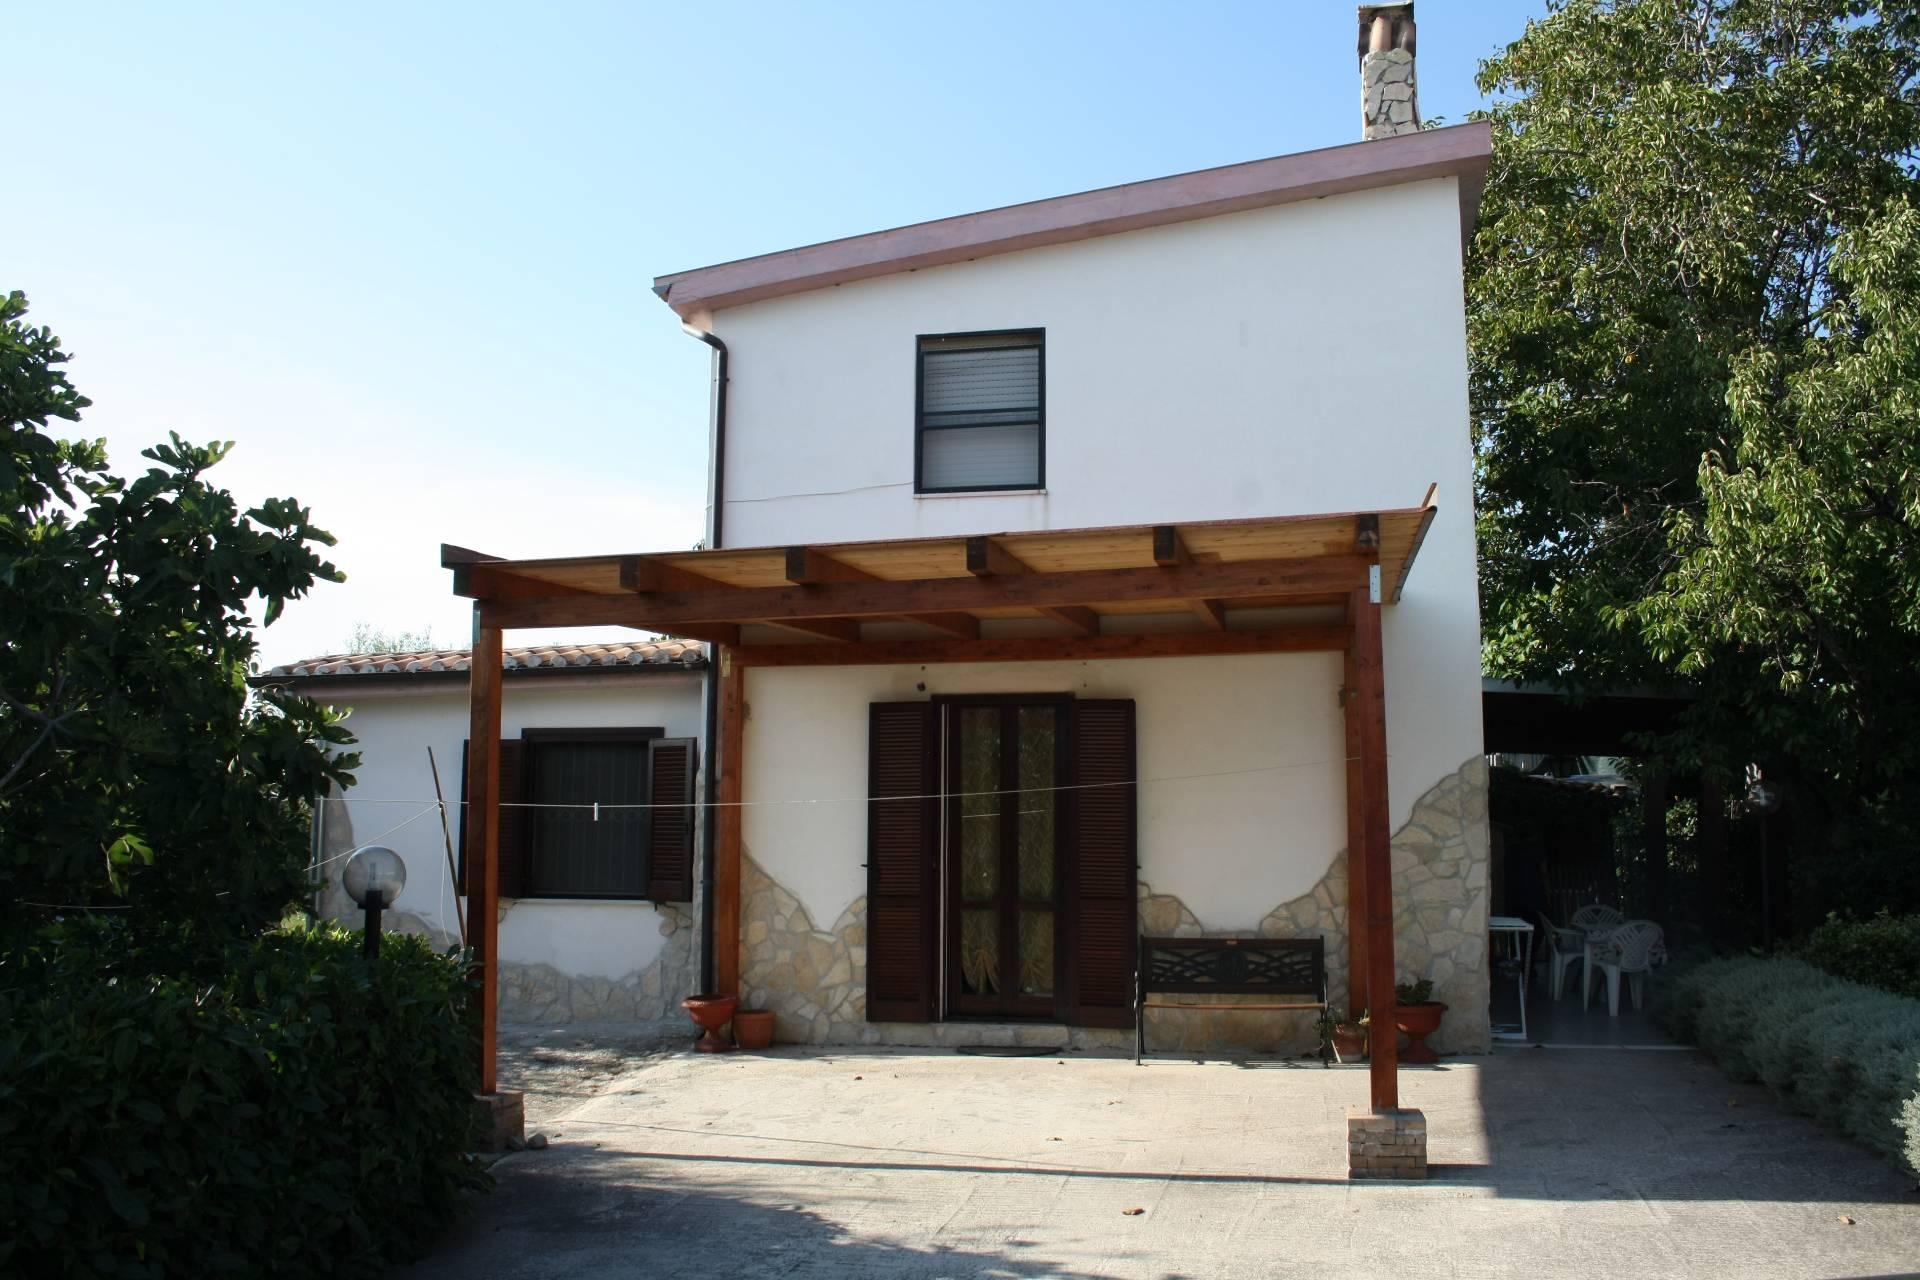 Villa in vendita a Larino, 5 locali, prezzo € 98.000 | CambioCasa.it